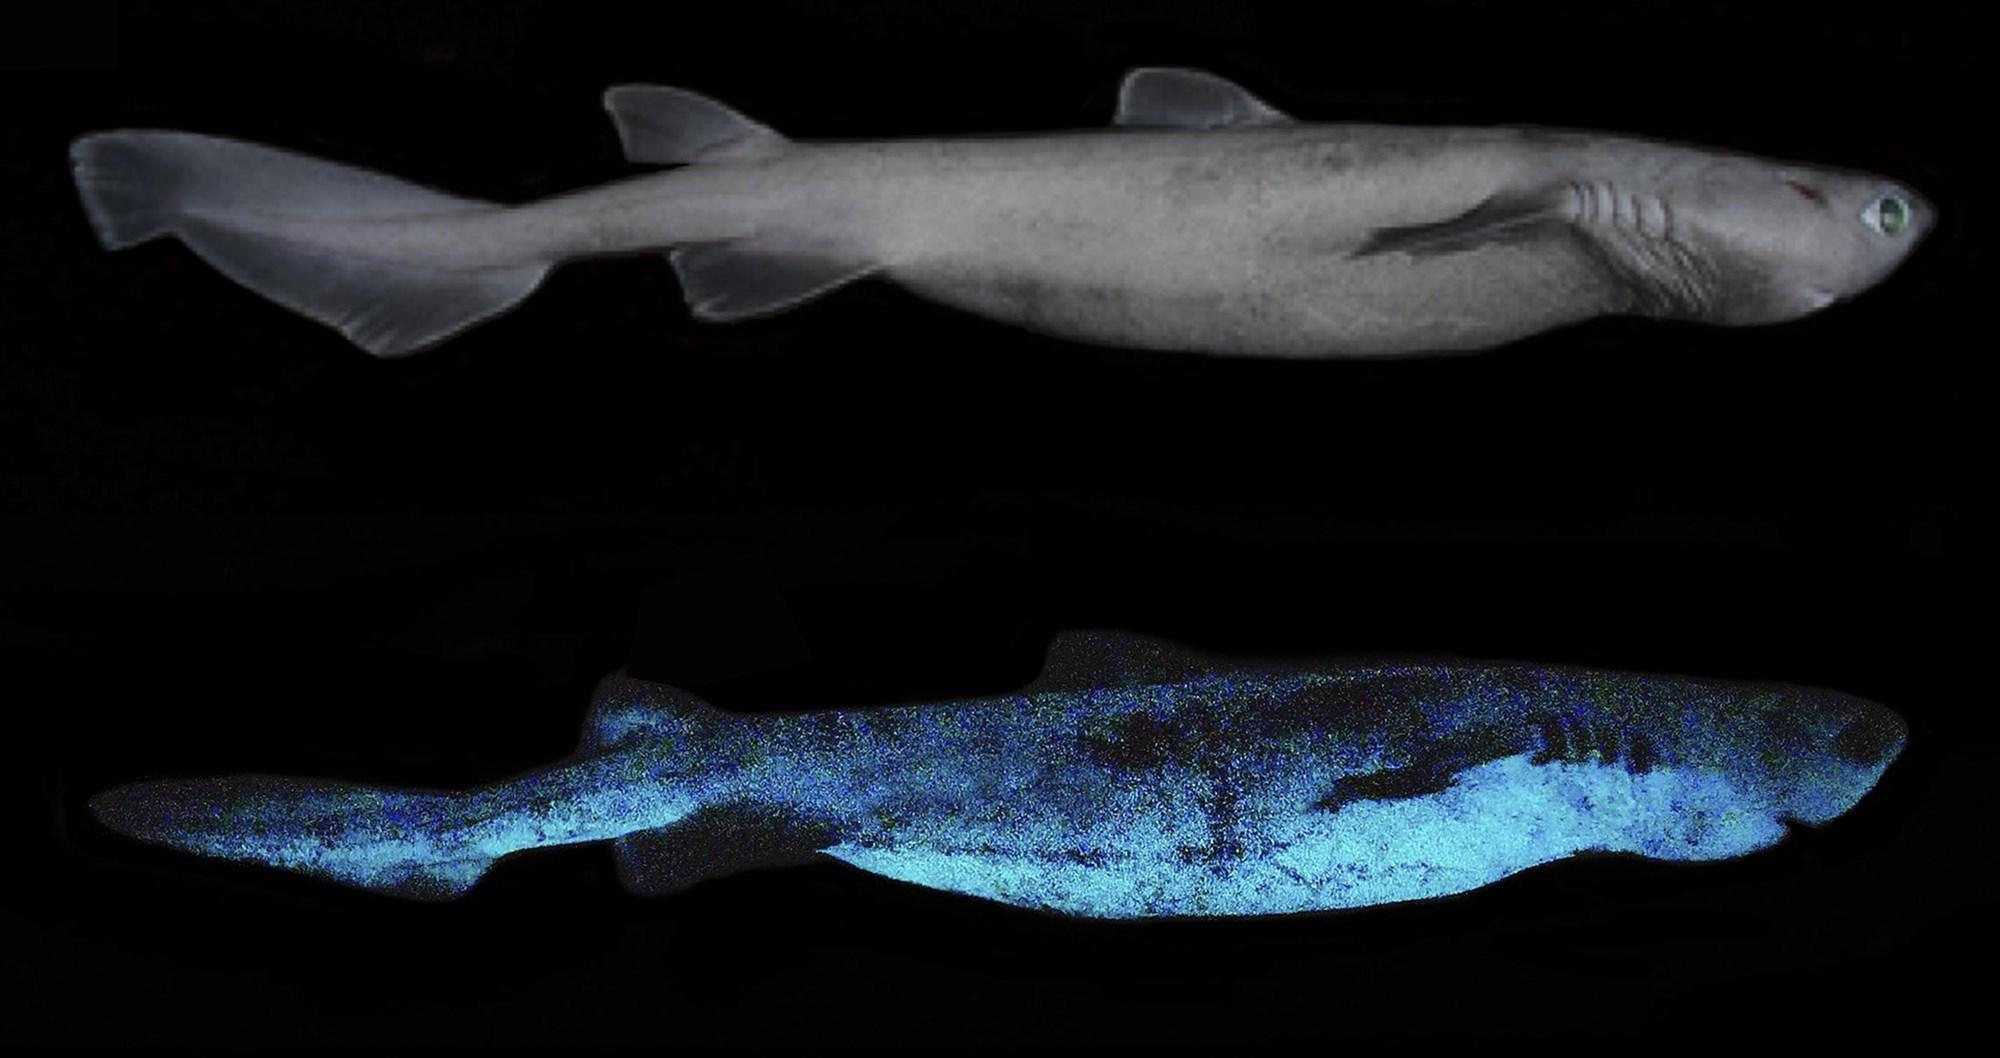 青い光を放つ「ヨロイザメ」